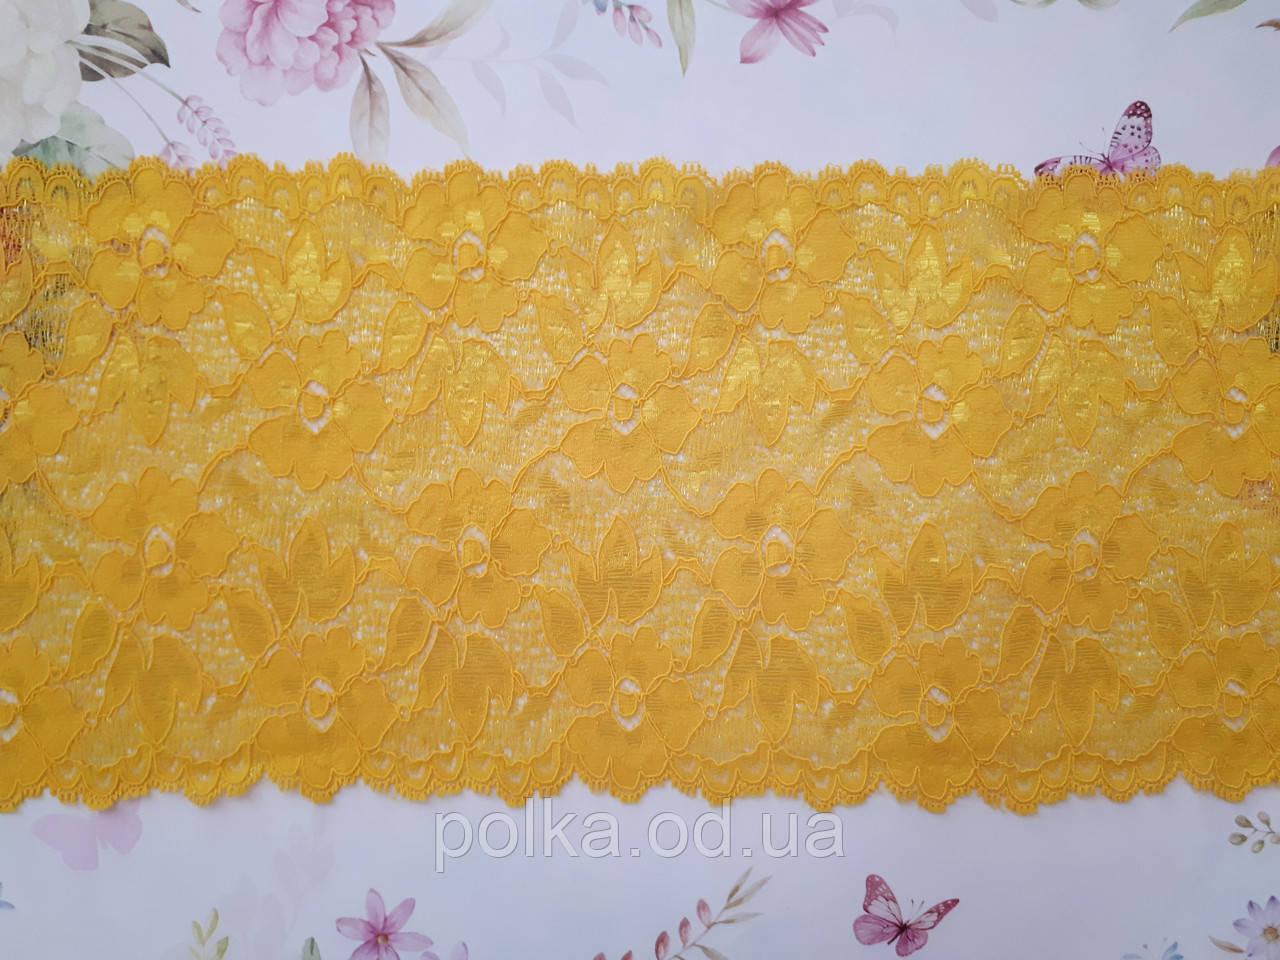 """Еластичне мереживо жовте """"квіткове"""", ширина 17 см, колір жовтий (1упаковка=23м)"""